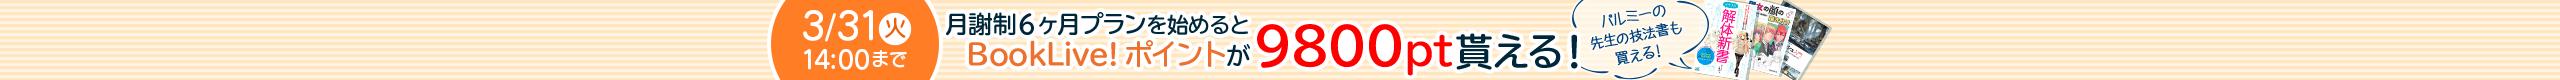 9800cpn header pc